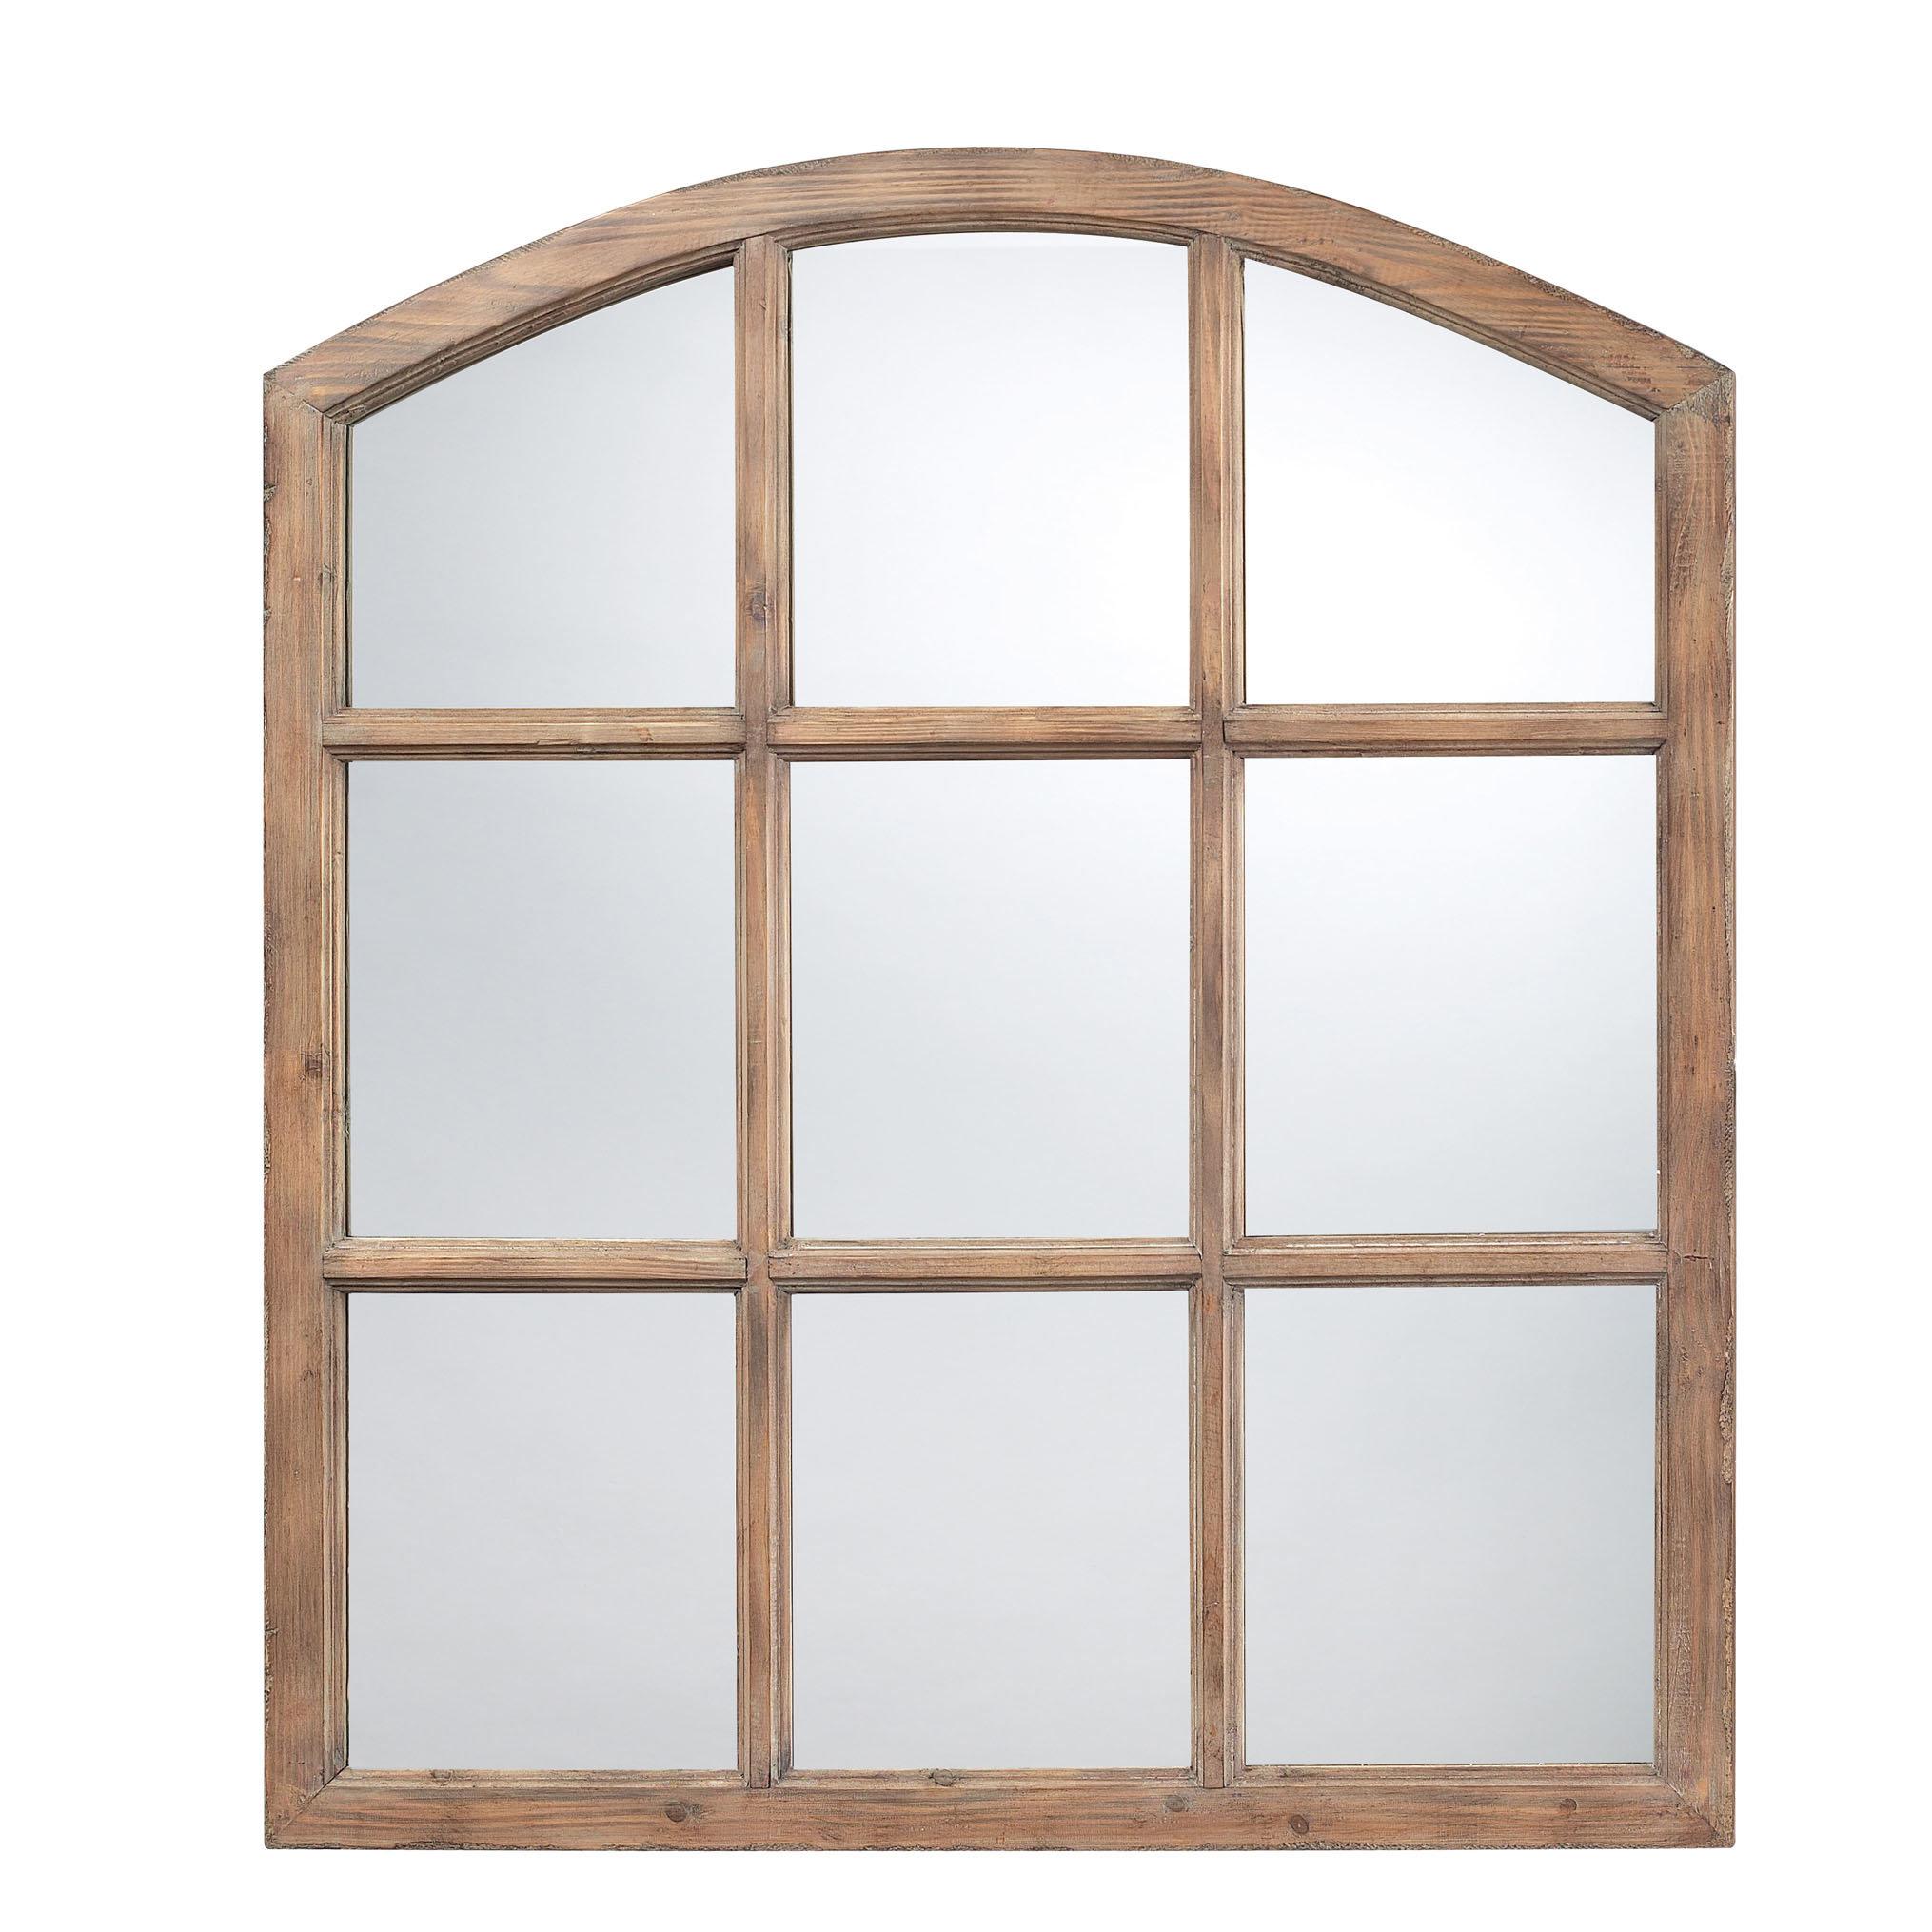 Gracie Oaks Jannel Faux Light Oak Wood Wall Mirror | Wayfair Intended For Faux Window Wood Wall Mirrors (View 6 of 20)